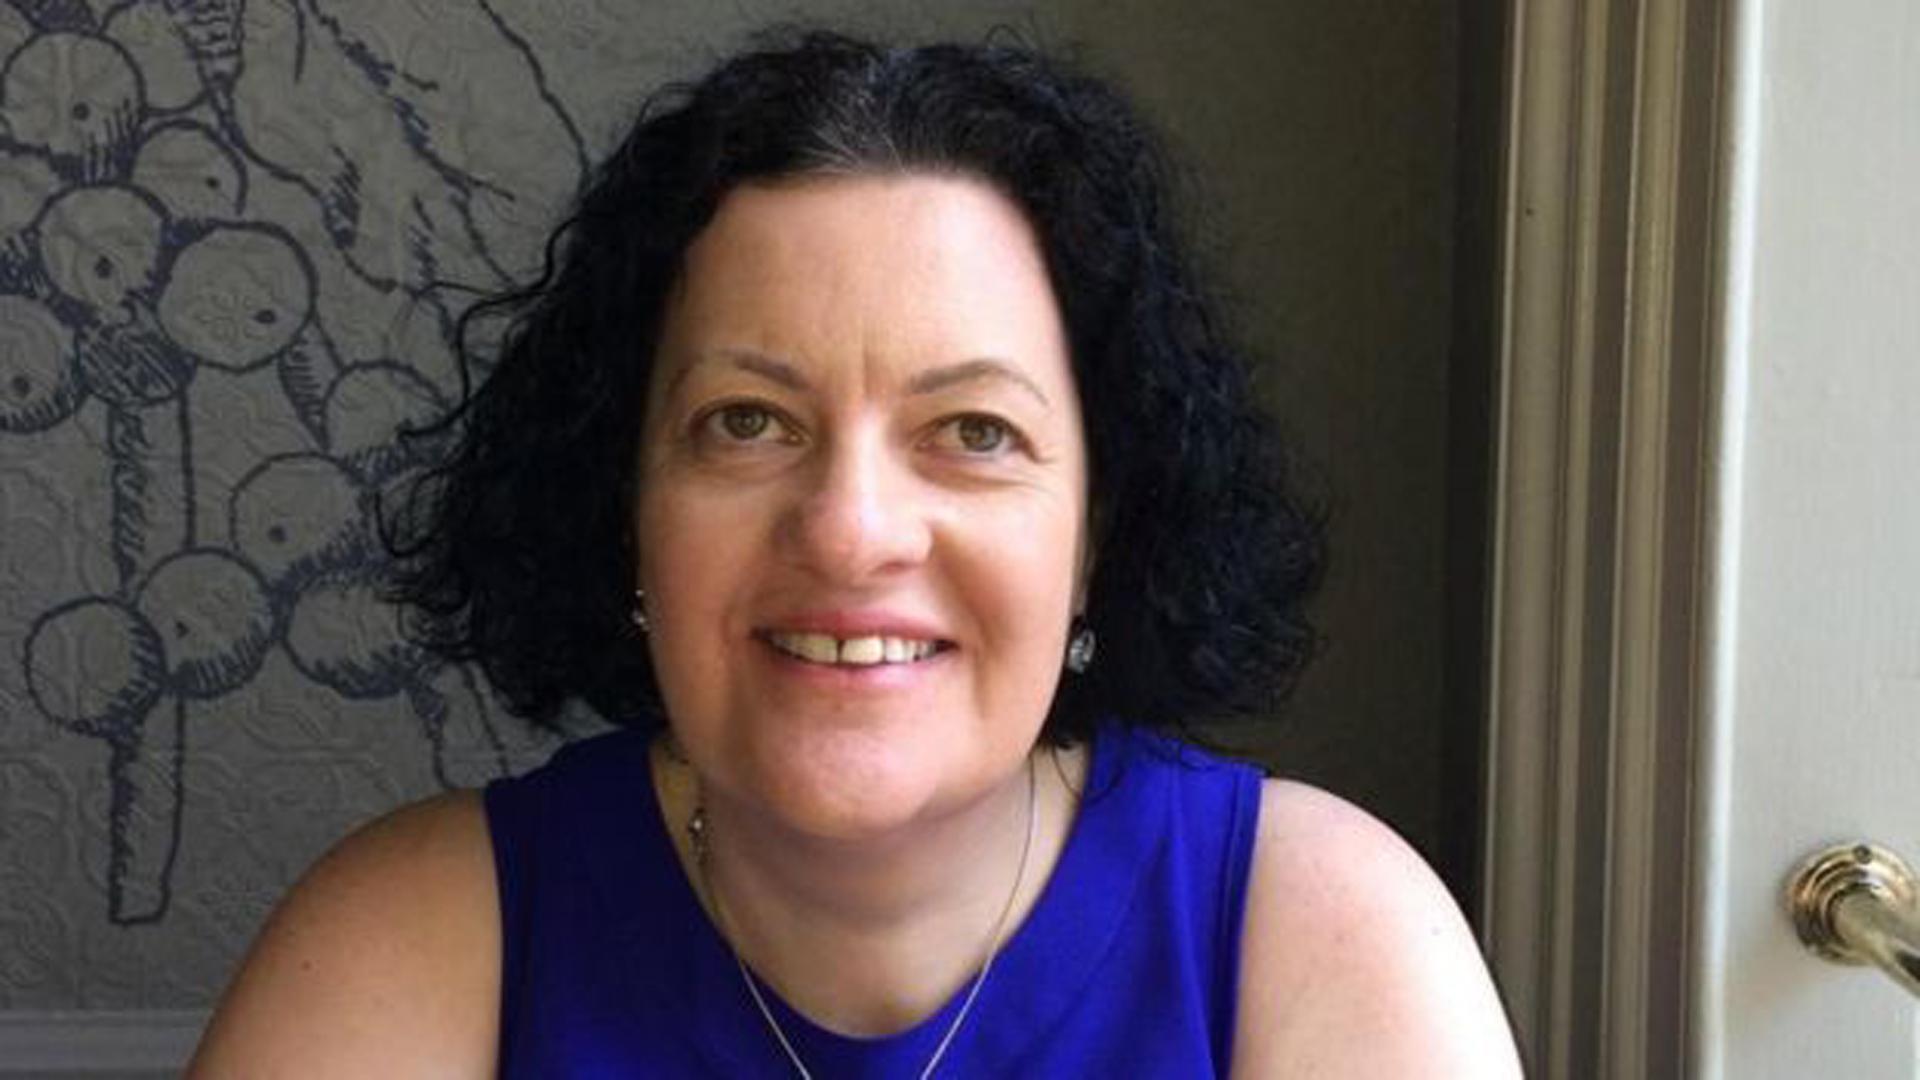 Milina Cunning, la mujer entrevistada que posee visión ciega (BBC)